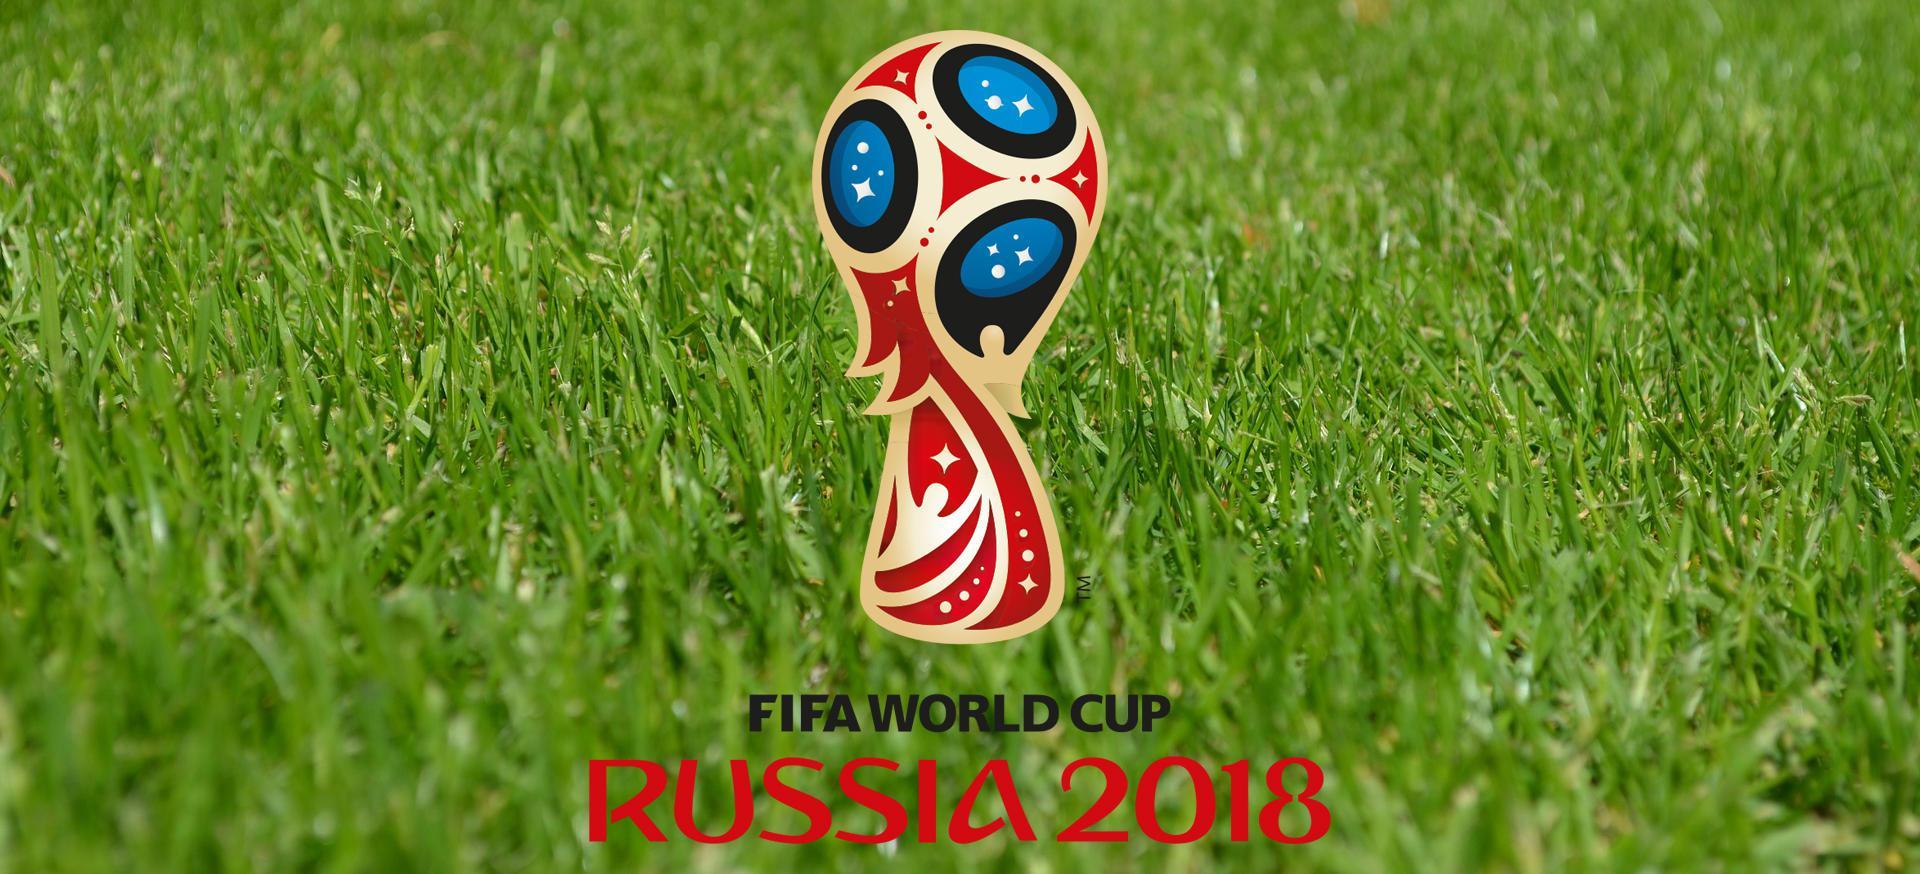 Coupe du monde 2018 une ia pr dit le parcours de chaque quipe et le vainqueur sciences - Coupe du monde resultats ...